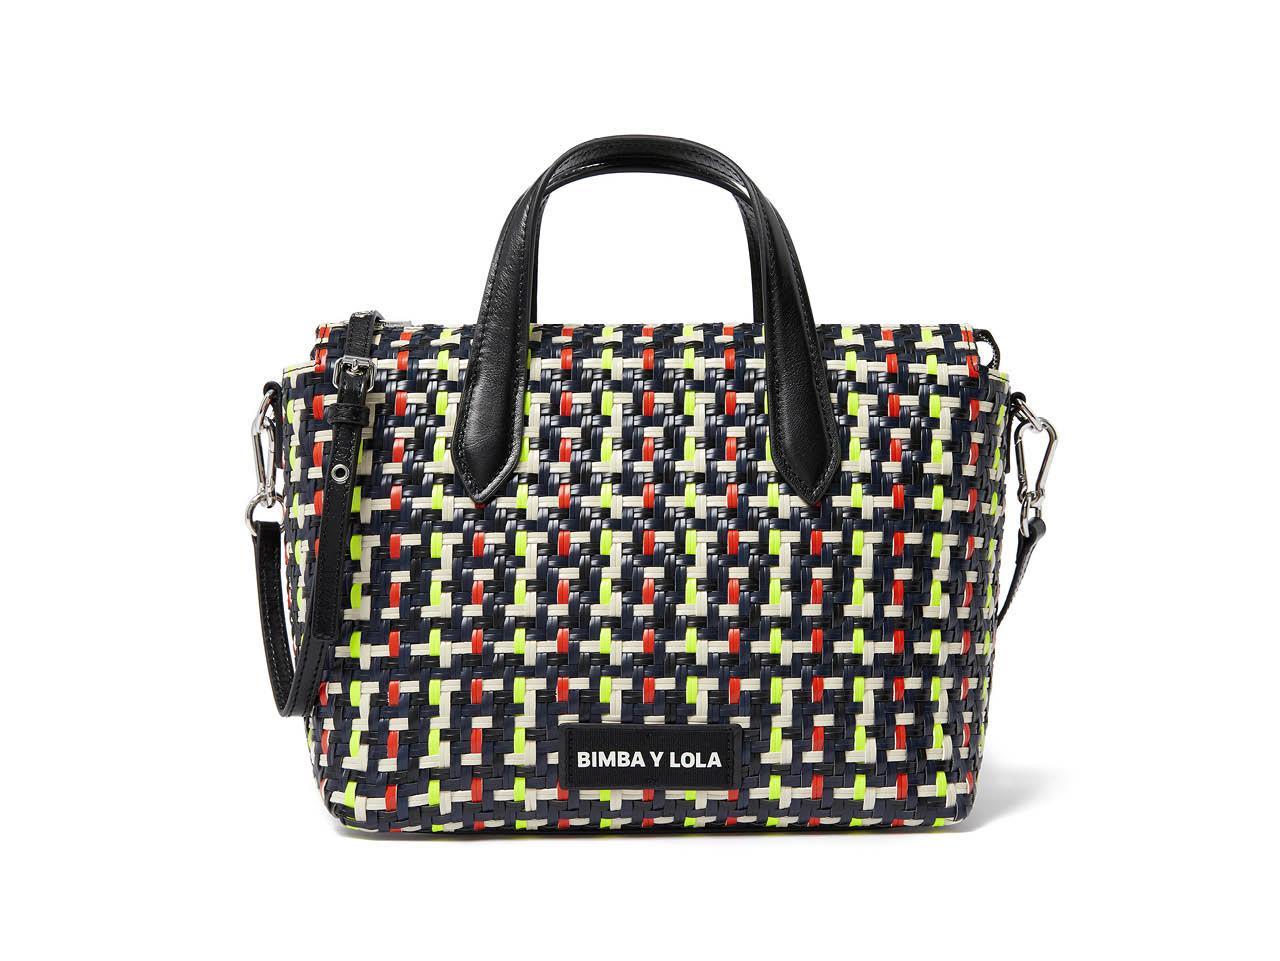 8049b41cd02 los bolsos mas bonitos y rebajados de bimba y lola shopper 103€. Shopper  trenzado